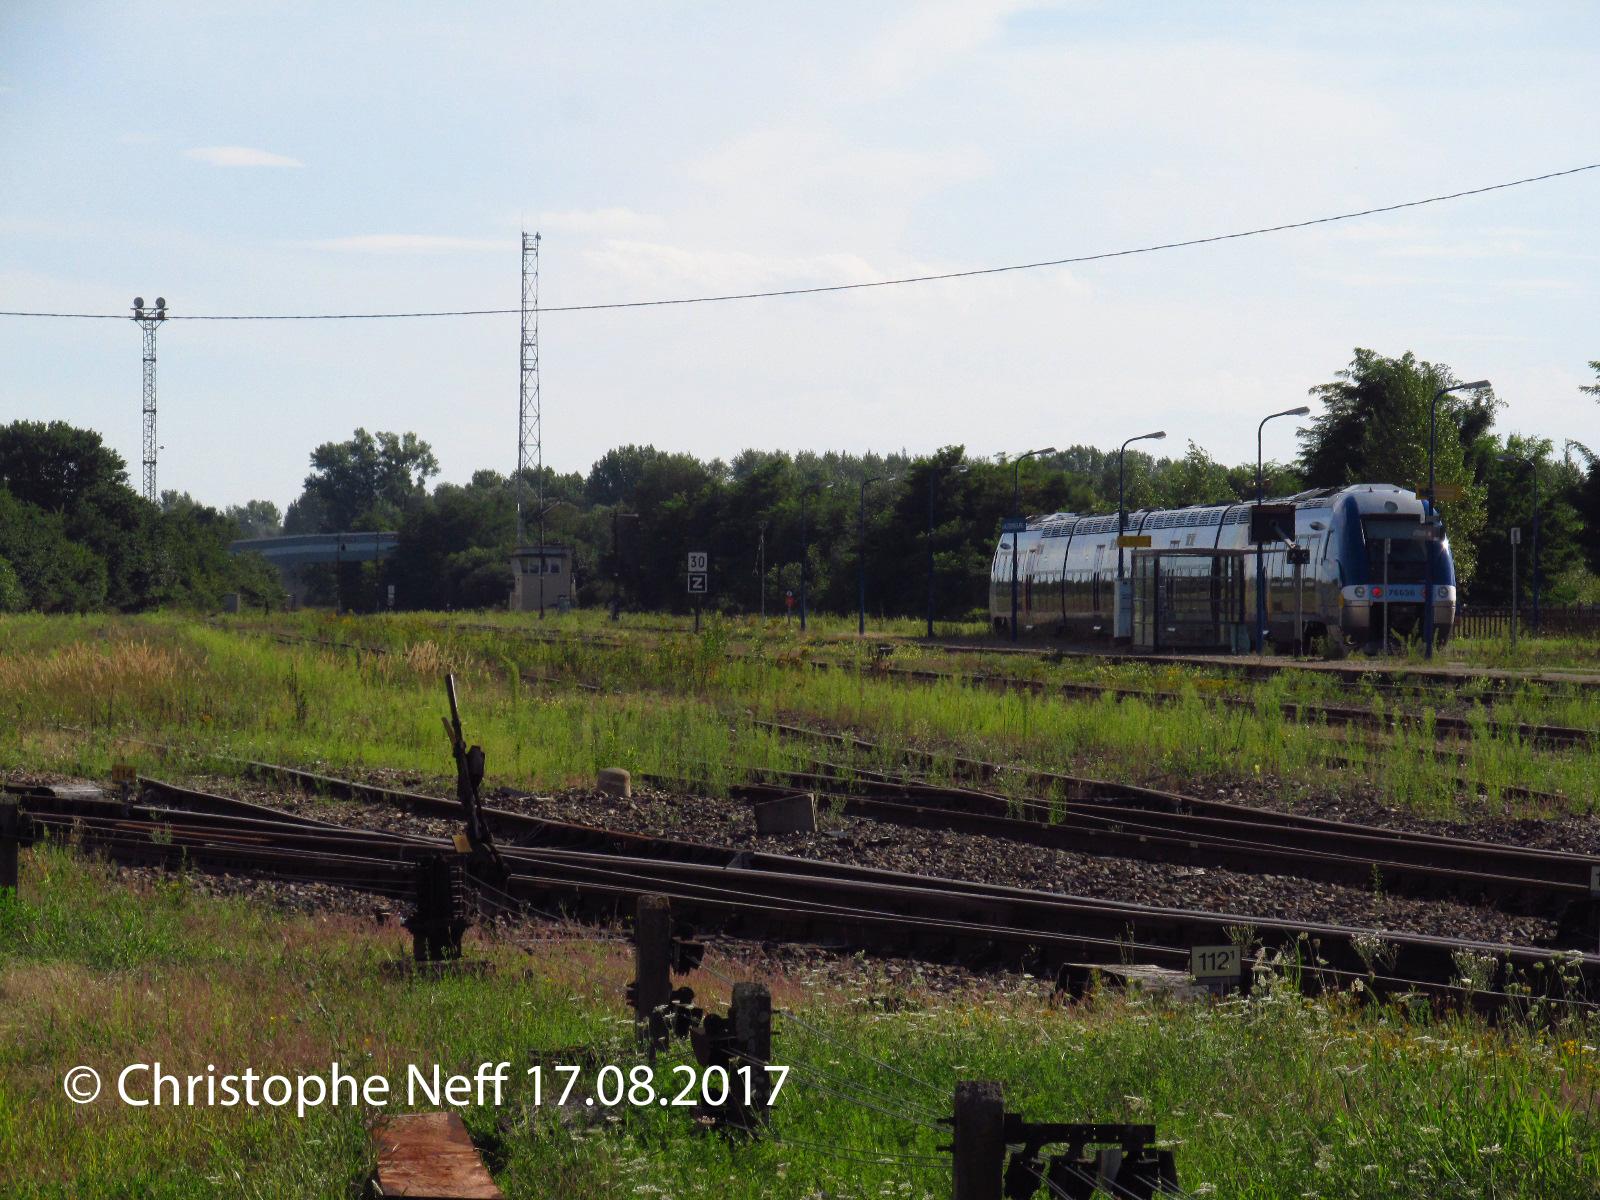 Gleisanlagen Bahnhof Lauterbourg 17.8.2017,  17H 44B1